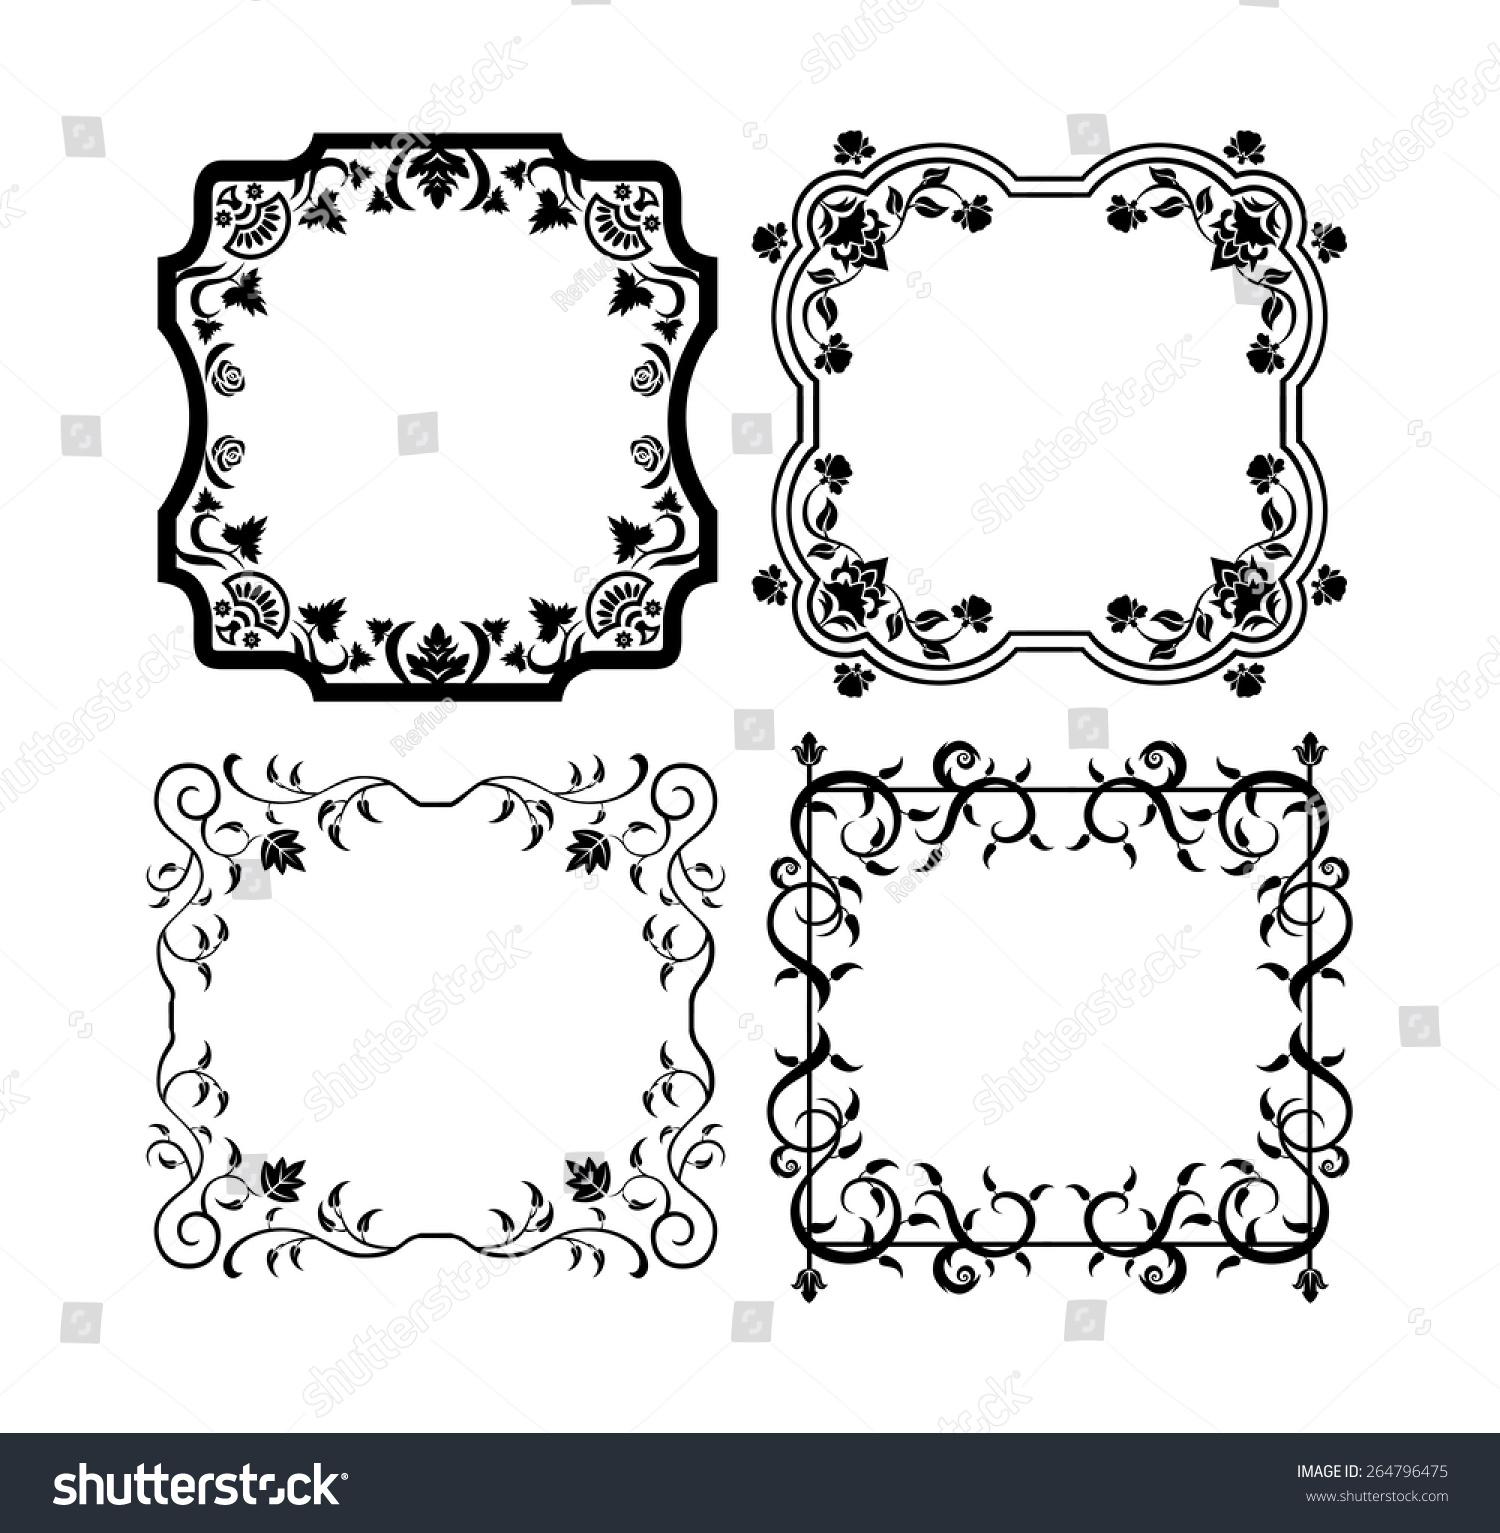 Black Vintage Ornamental Frames Floral Elements Stock Vector ...